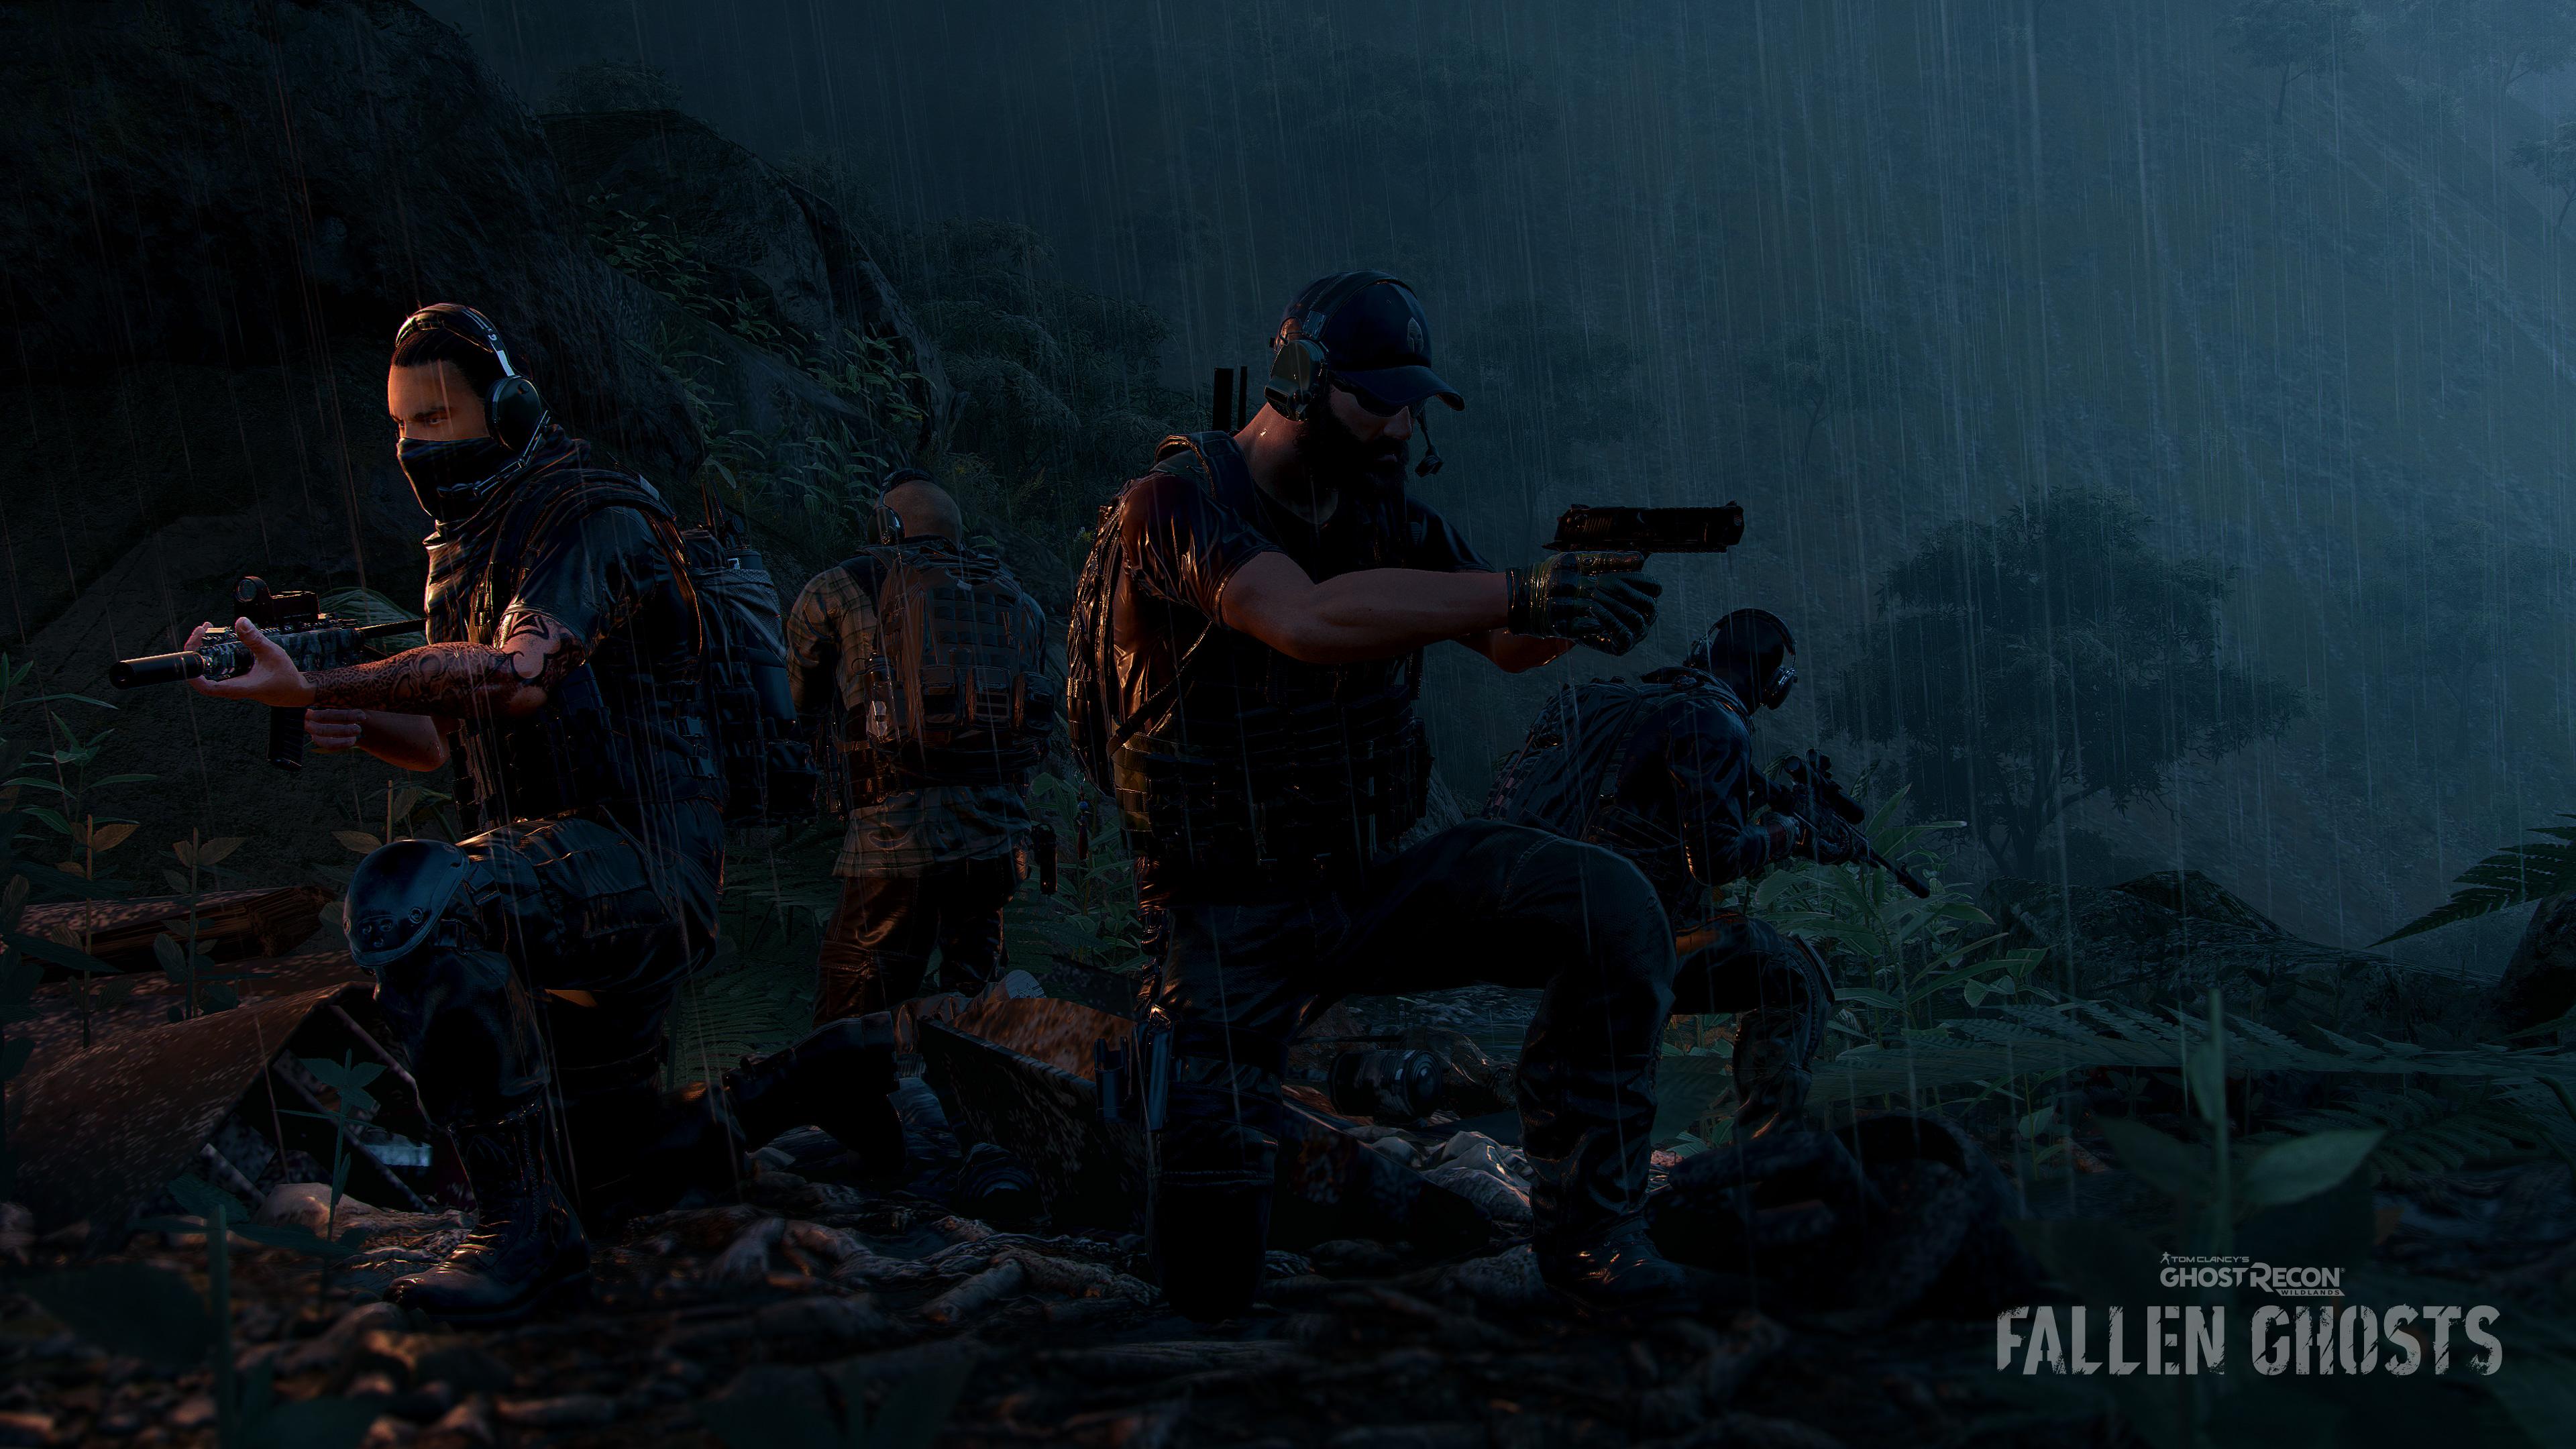 Tom Clancys Ghost Recon Wildlands Fallen Ghosts DLC, HD